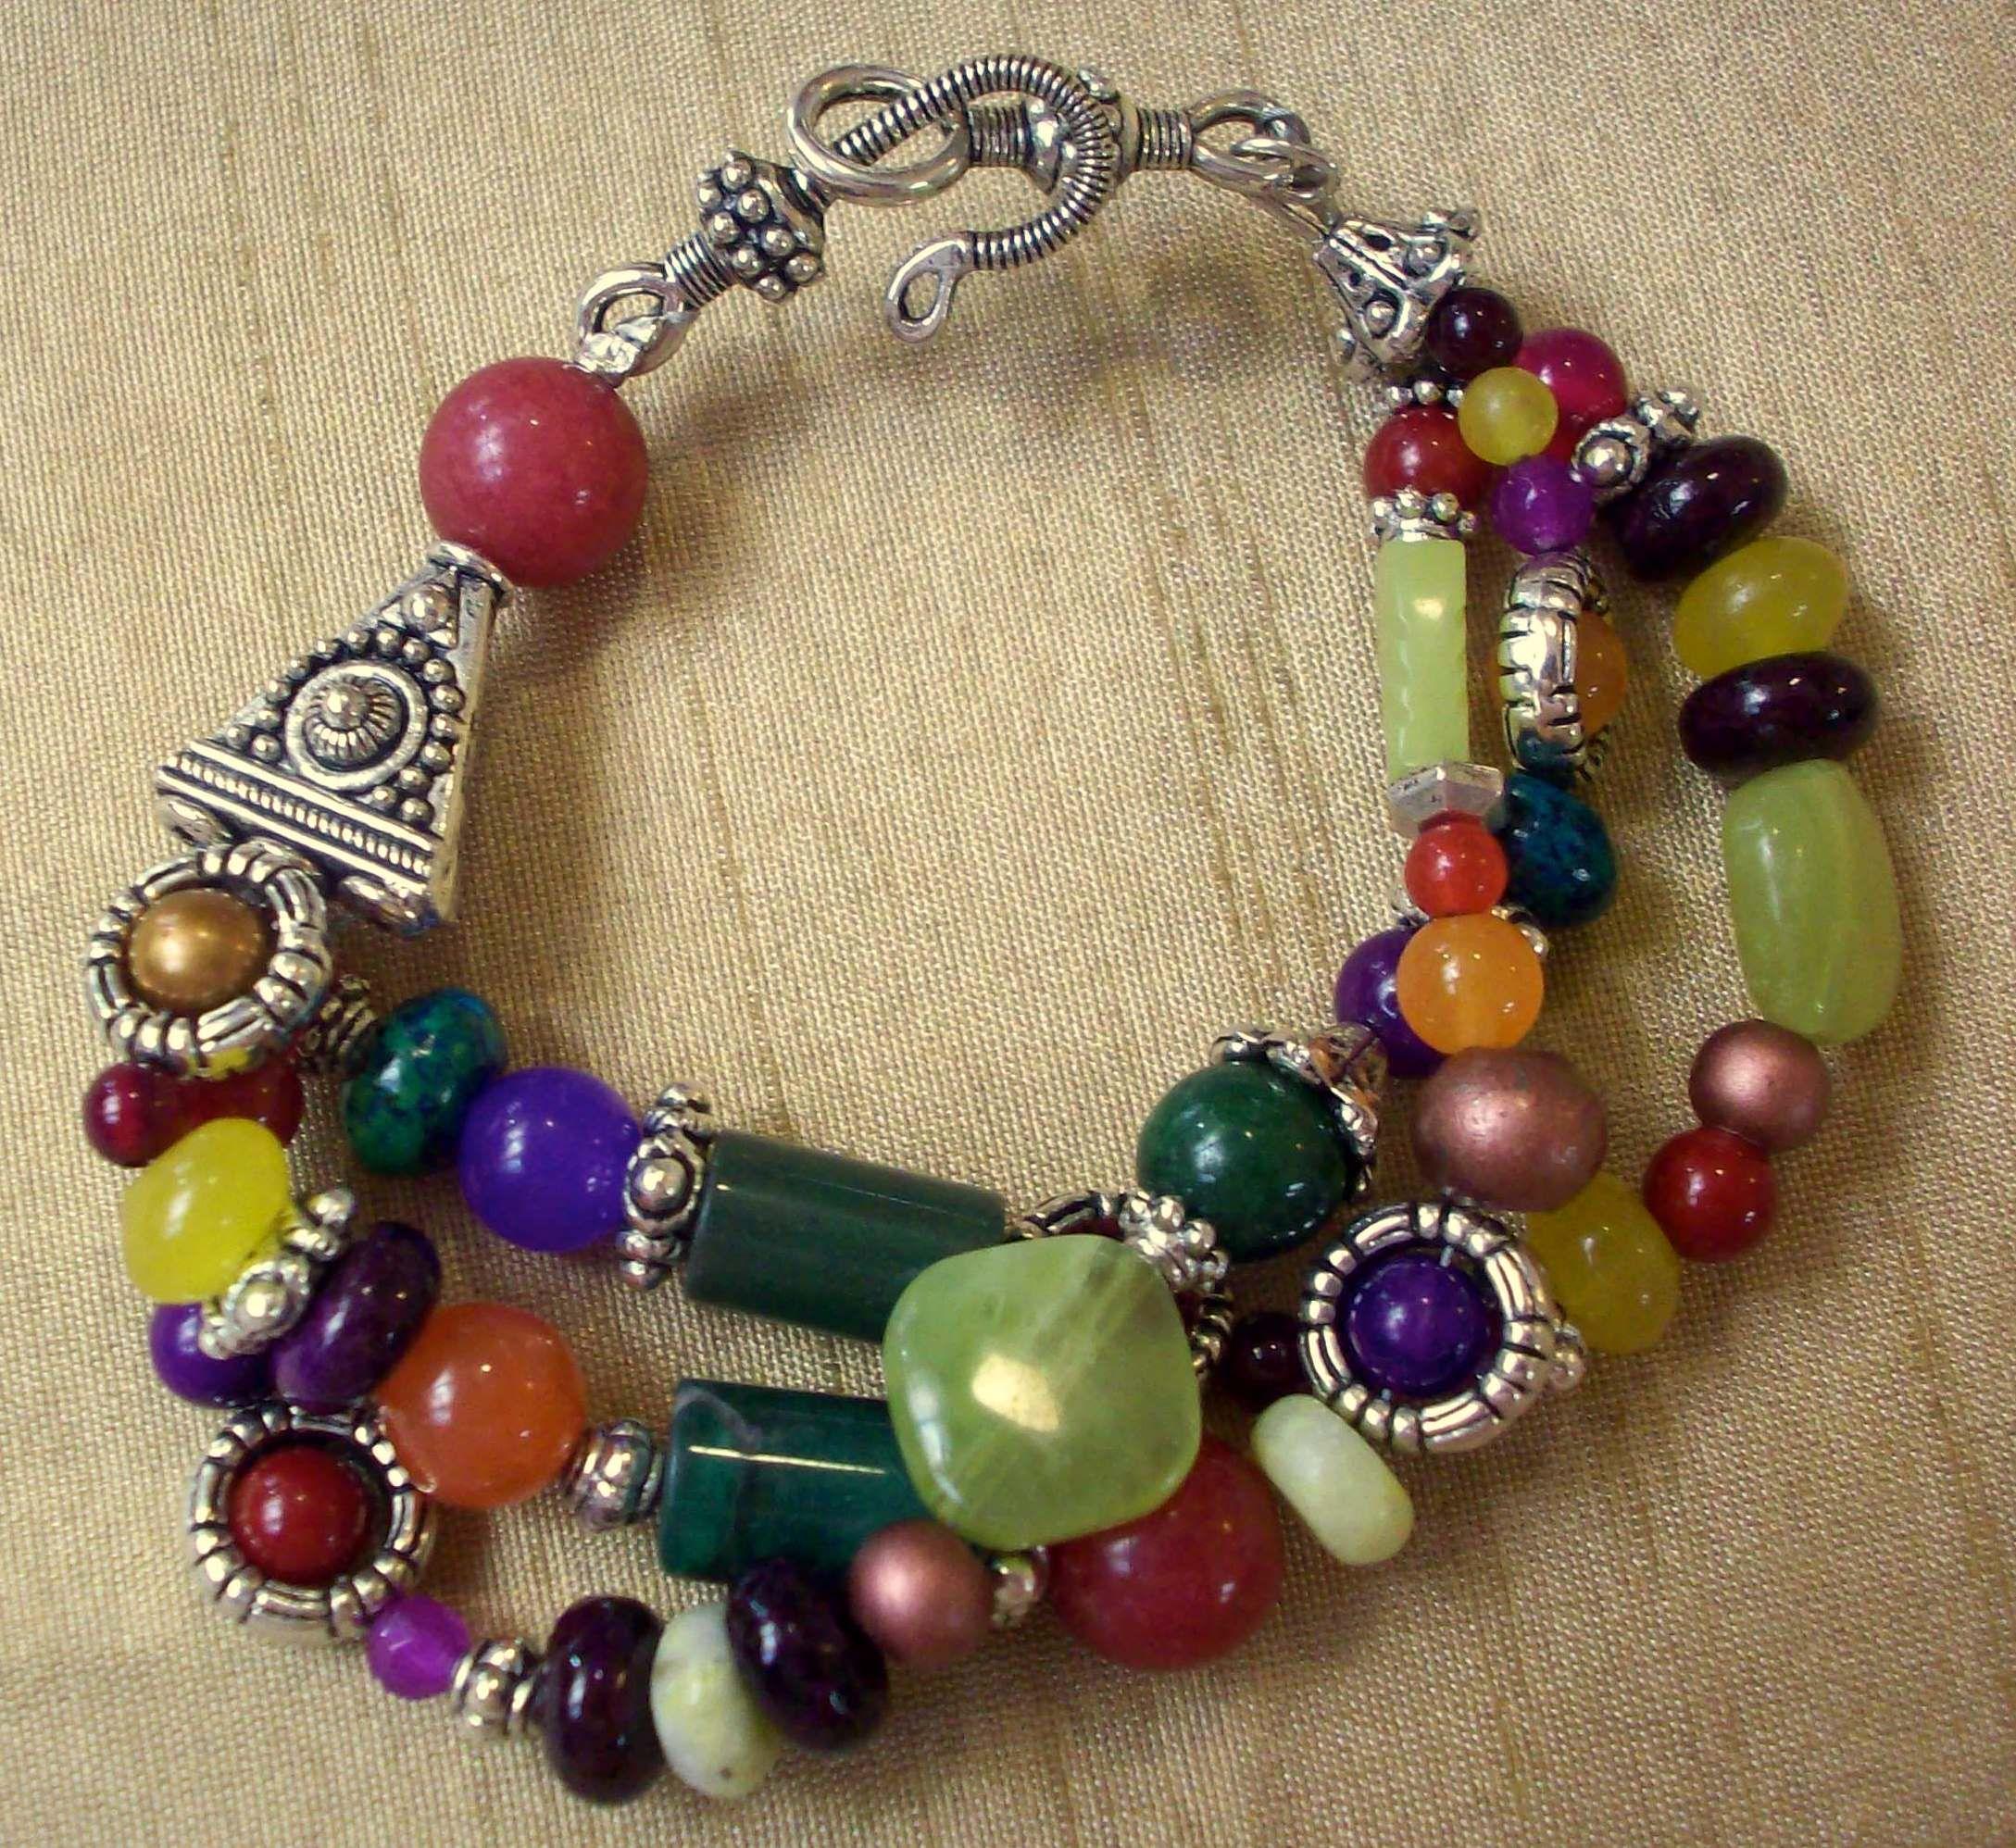 Cha Cha Cha bracelet